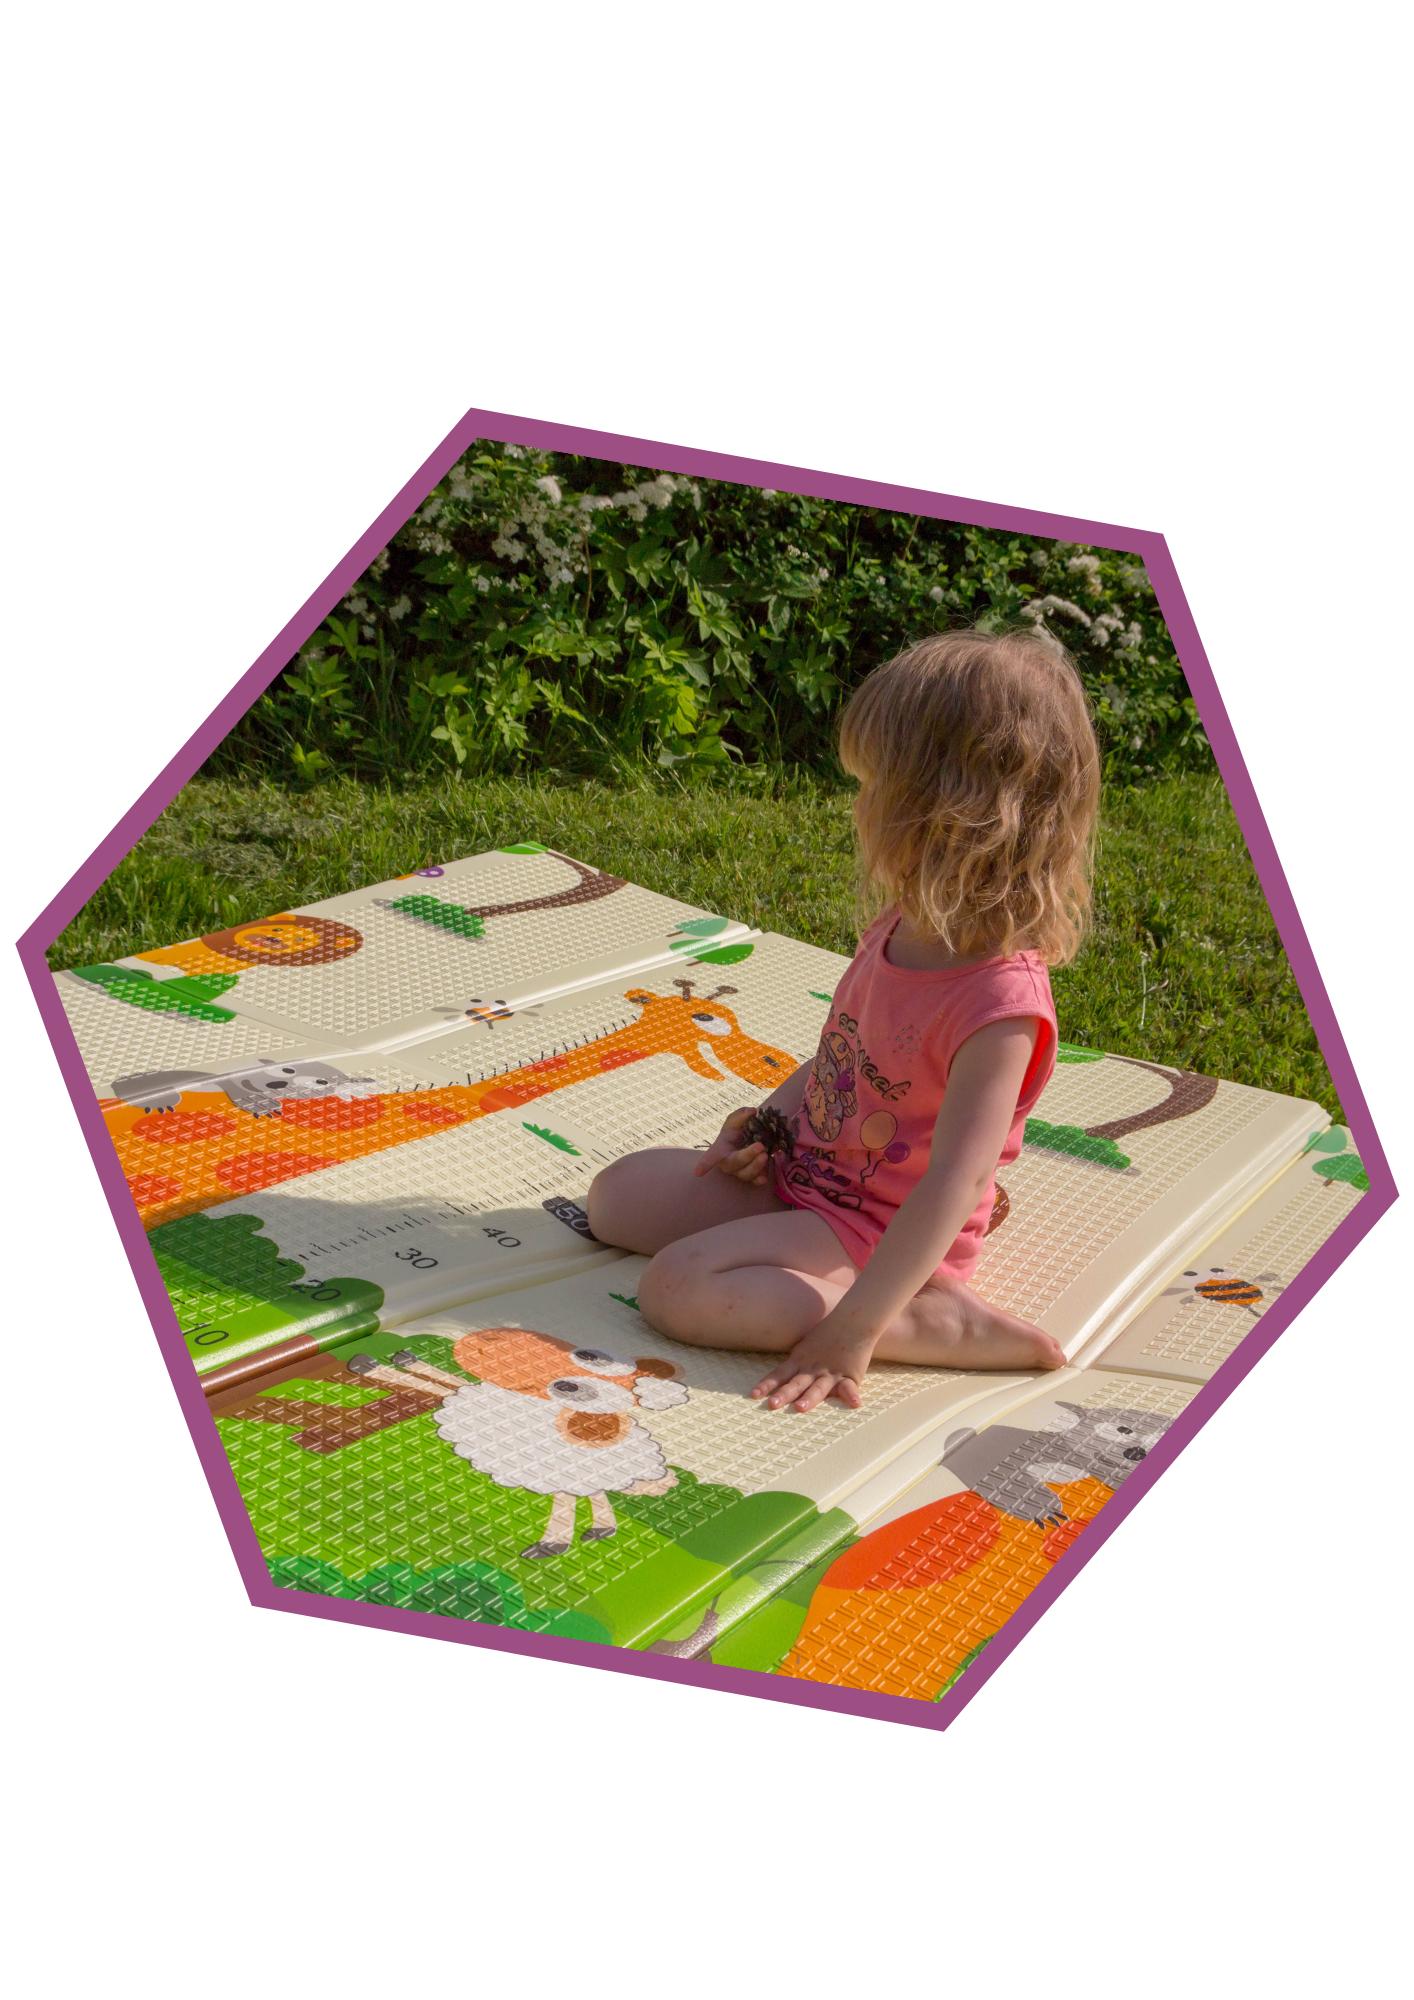 Складные игровые коврики для детей